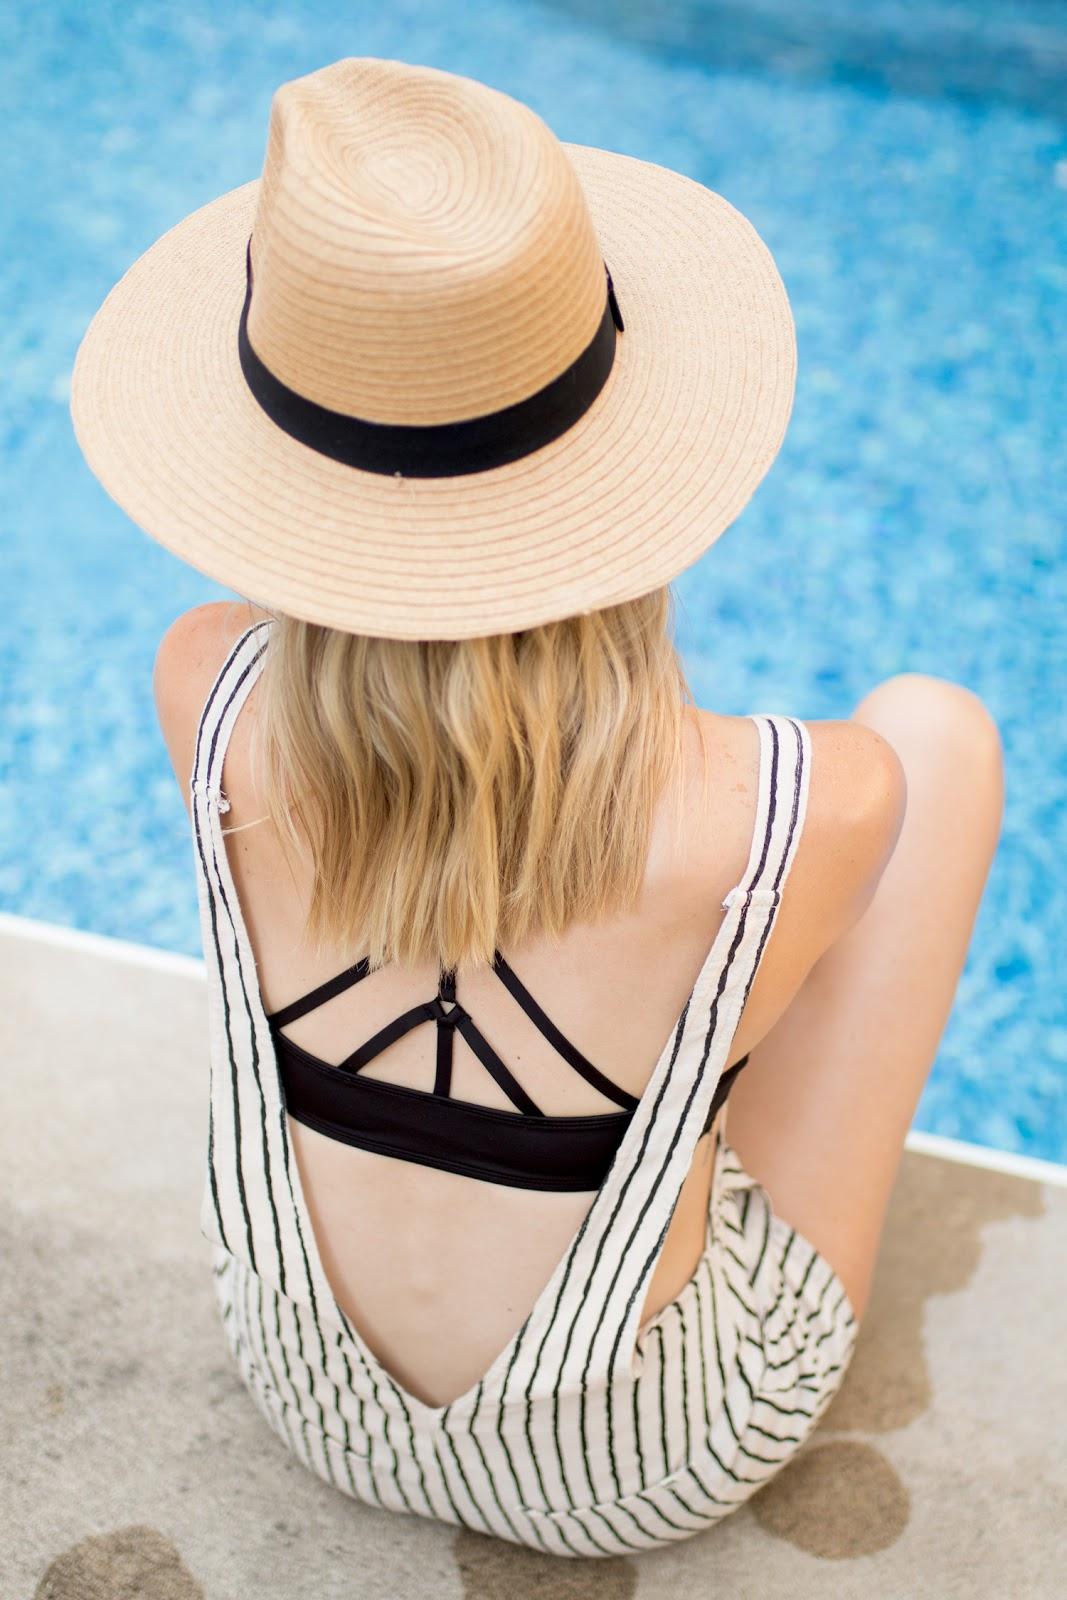 Strappy black bikini